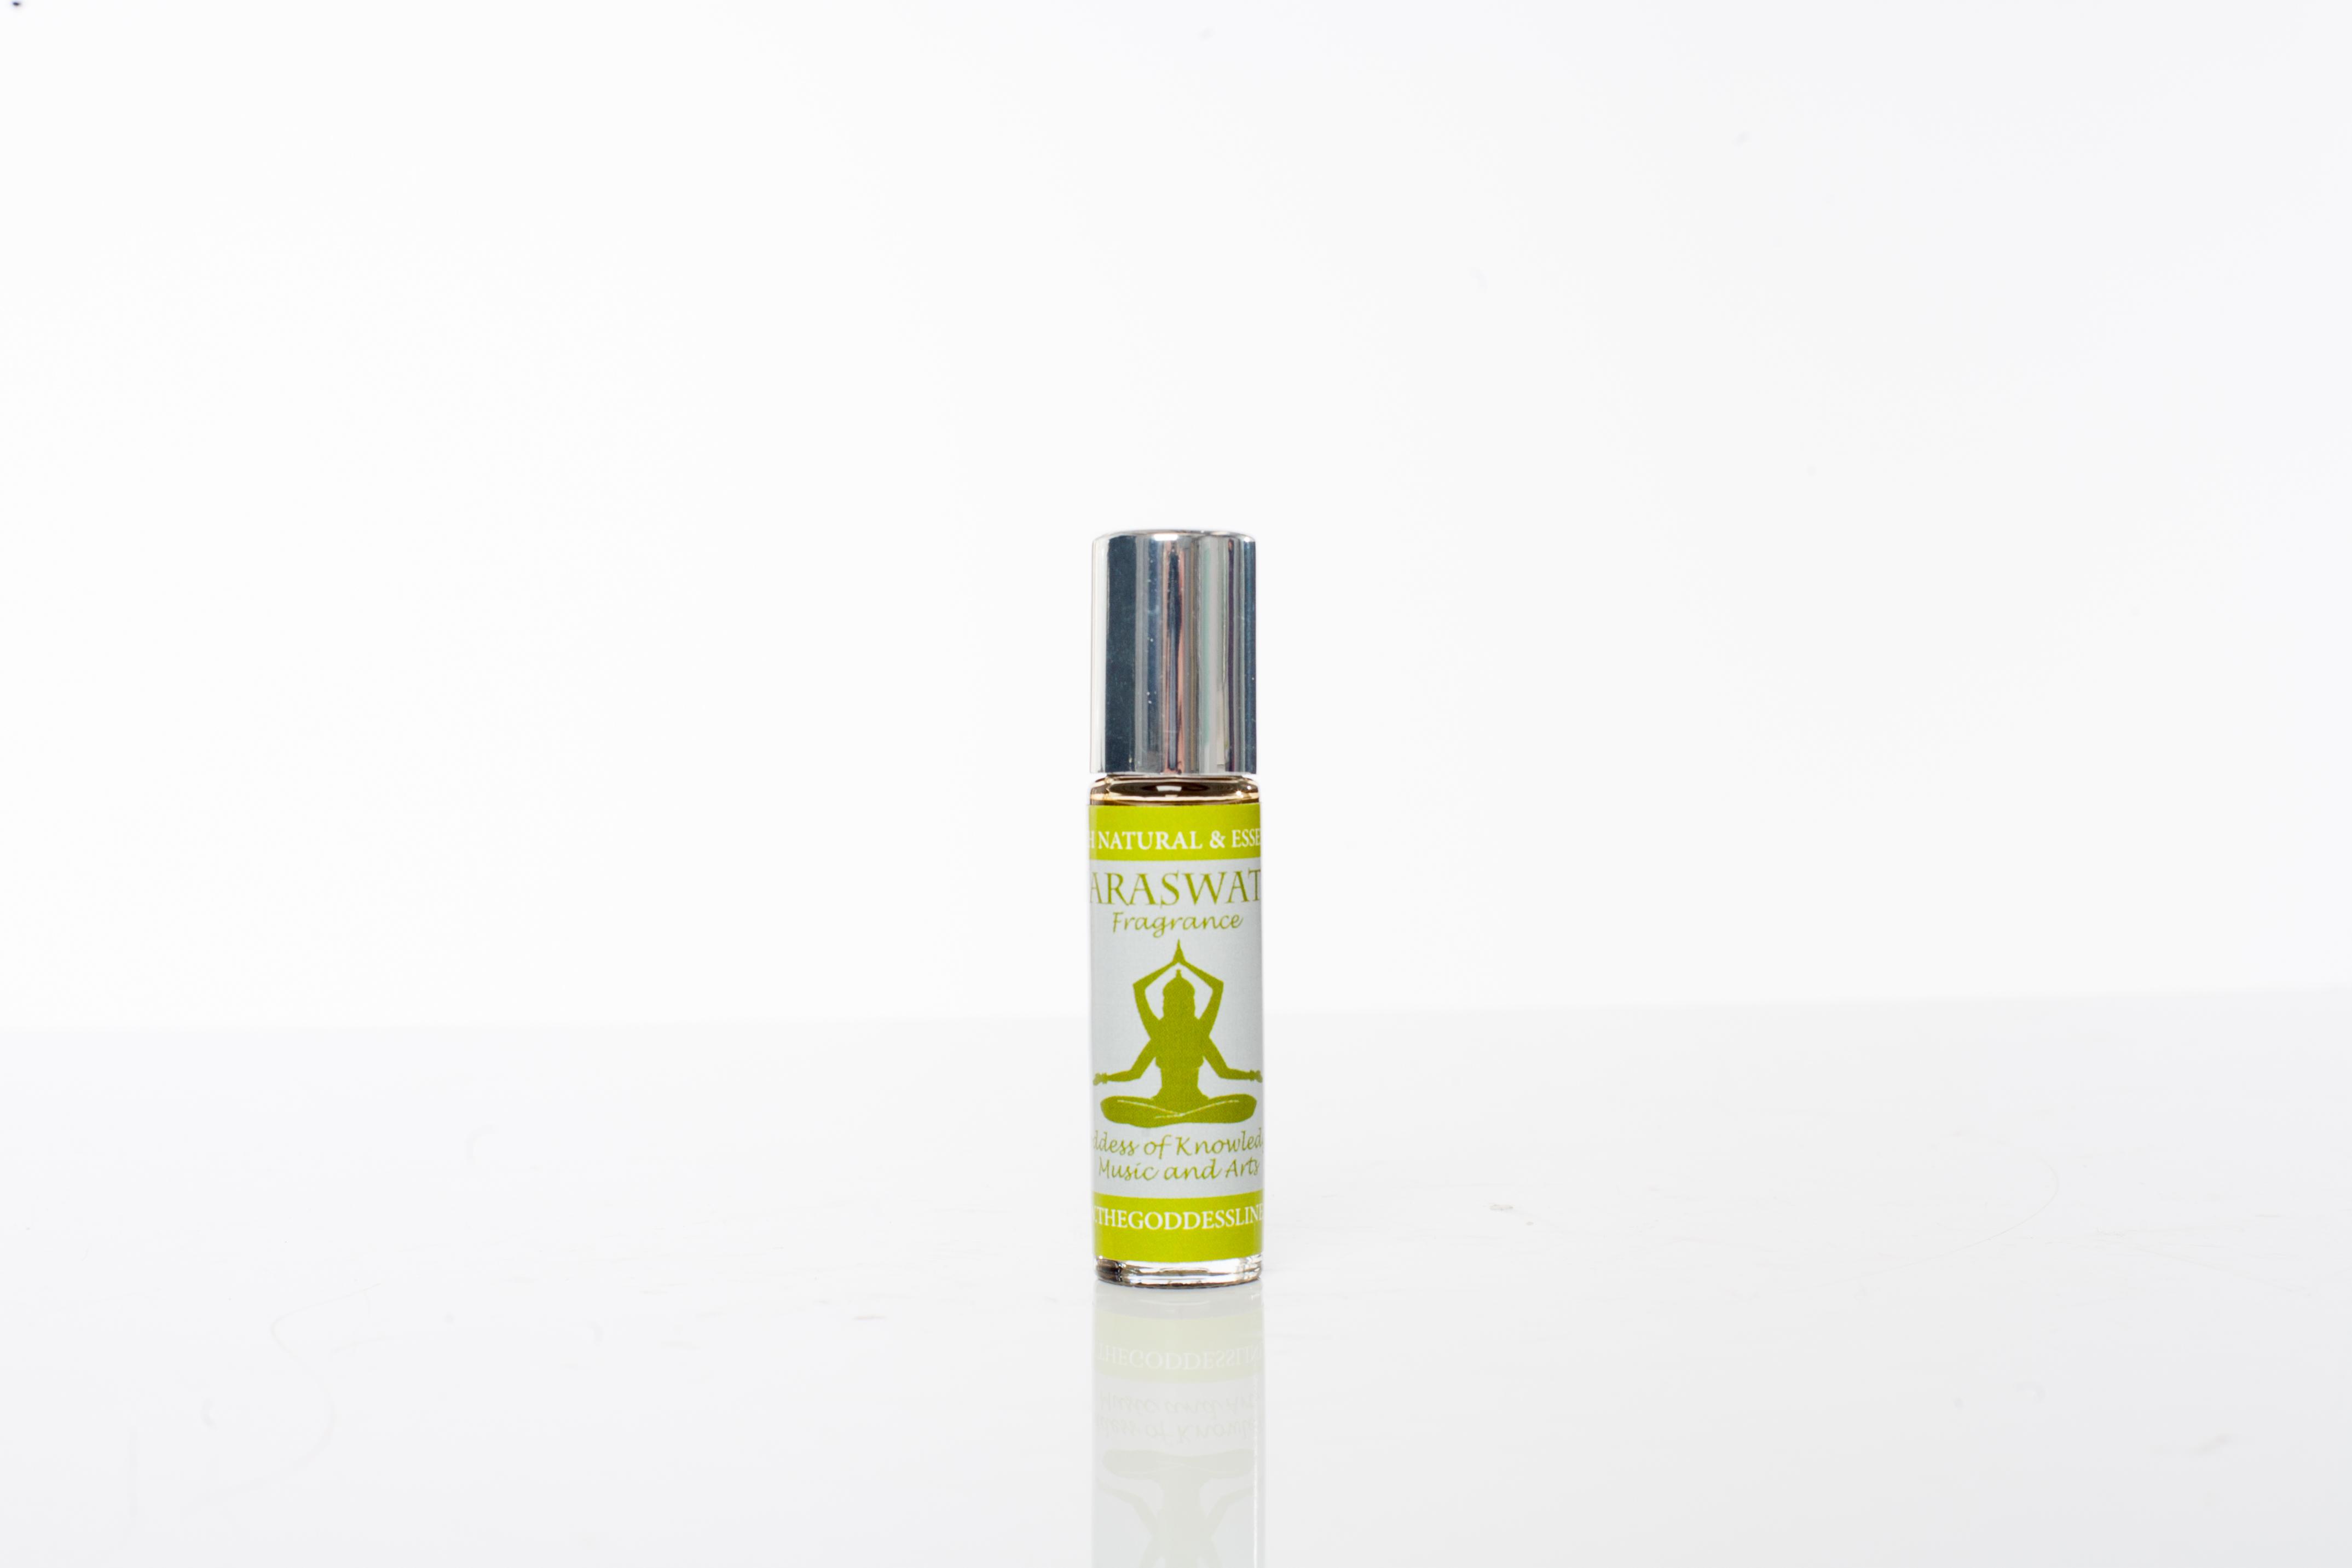 """Ekologisk parfym med fina oljor som sitter länge. Sarawati Fragrance"""" från The Goddess line"""